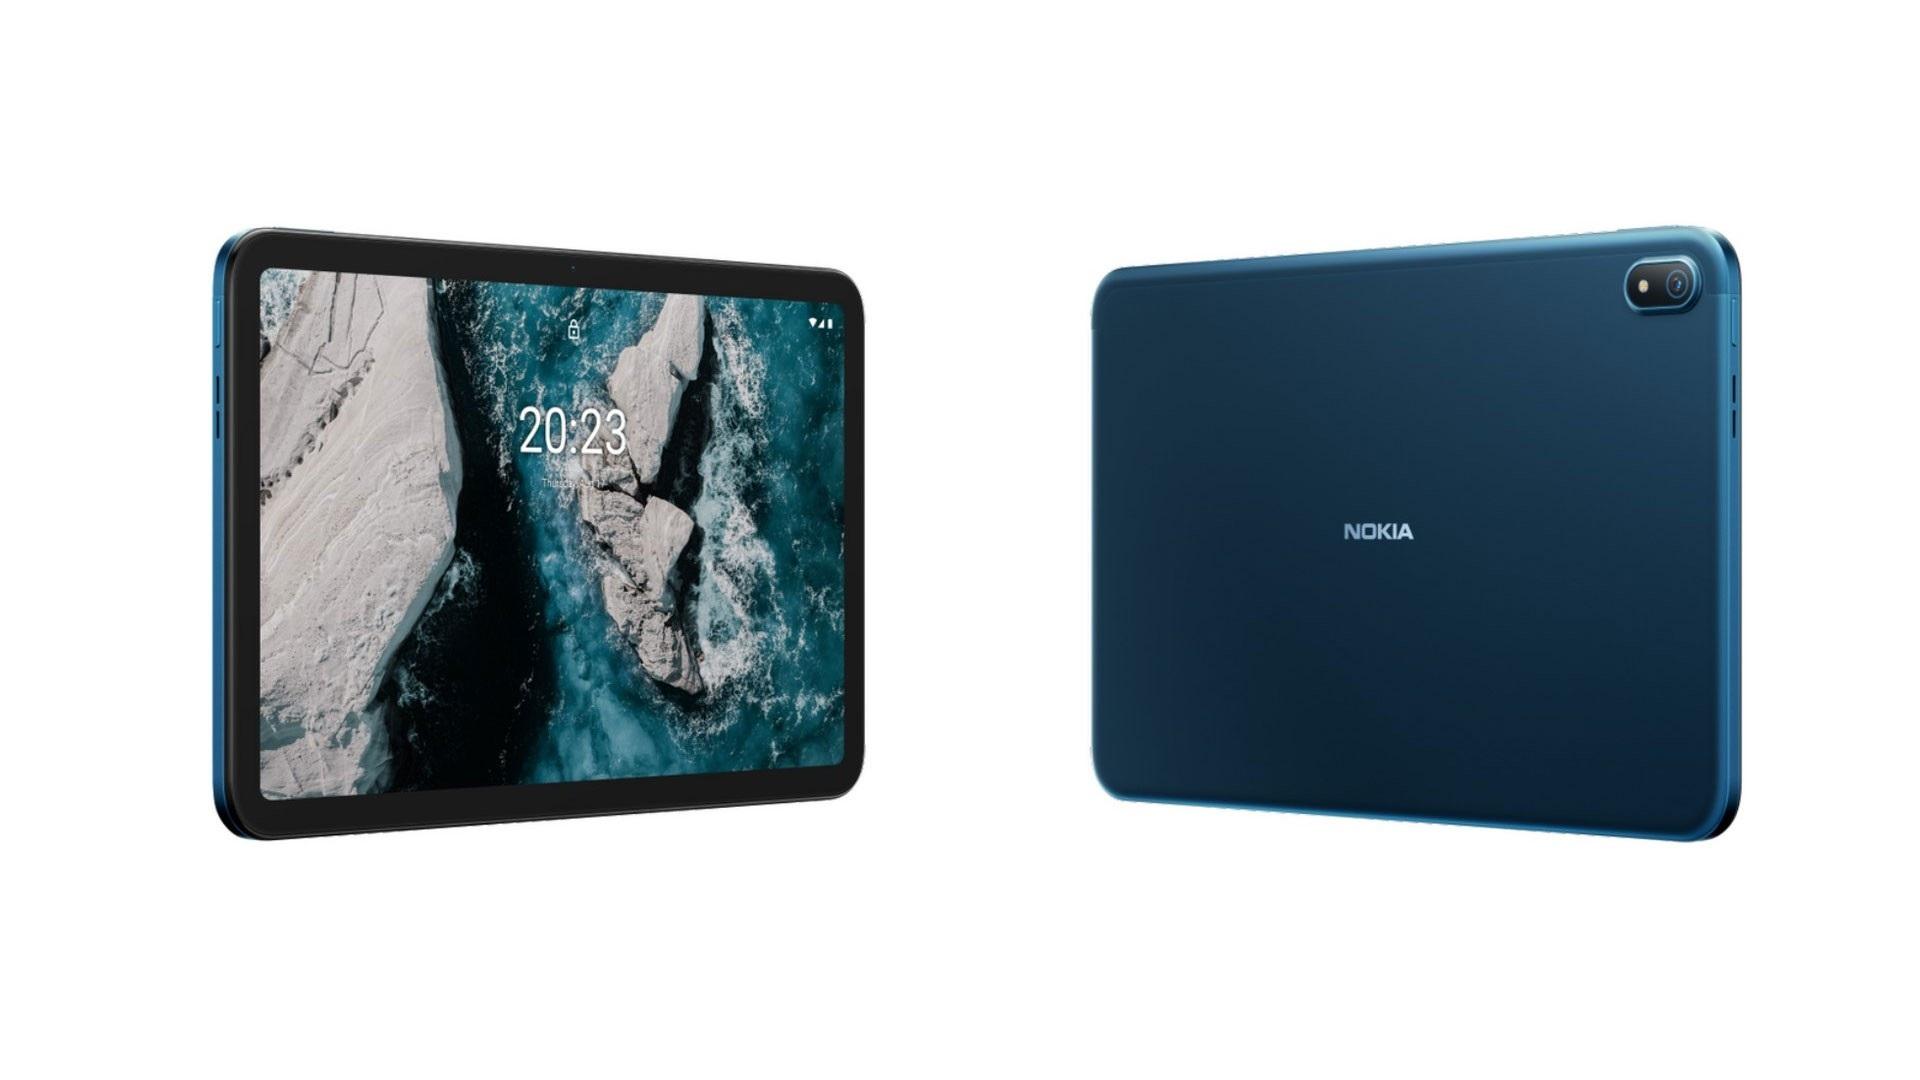 نوكيا تعود لعالم التابلت مع تابلت Nokia T20 10.4 الجديد